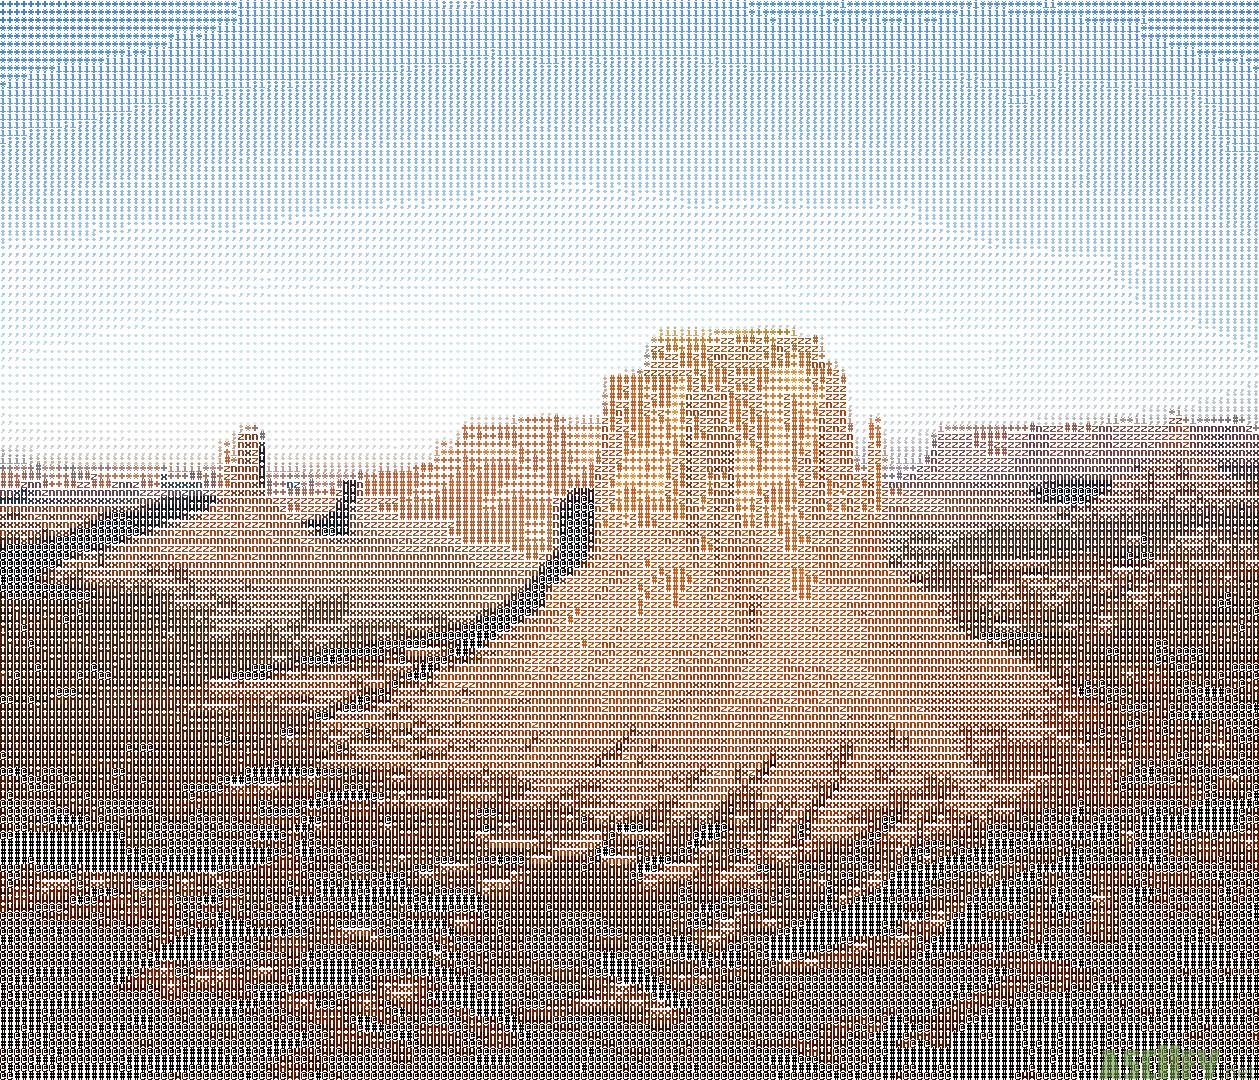 Mountain image wallpaper